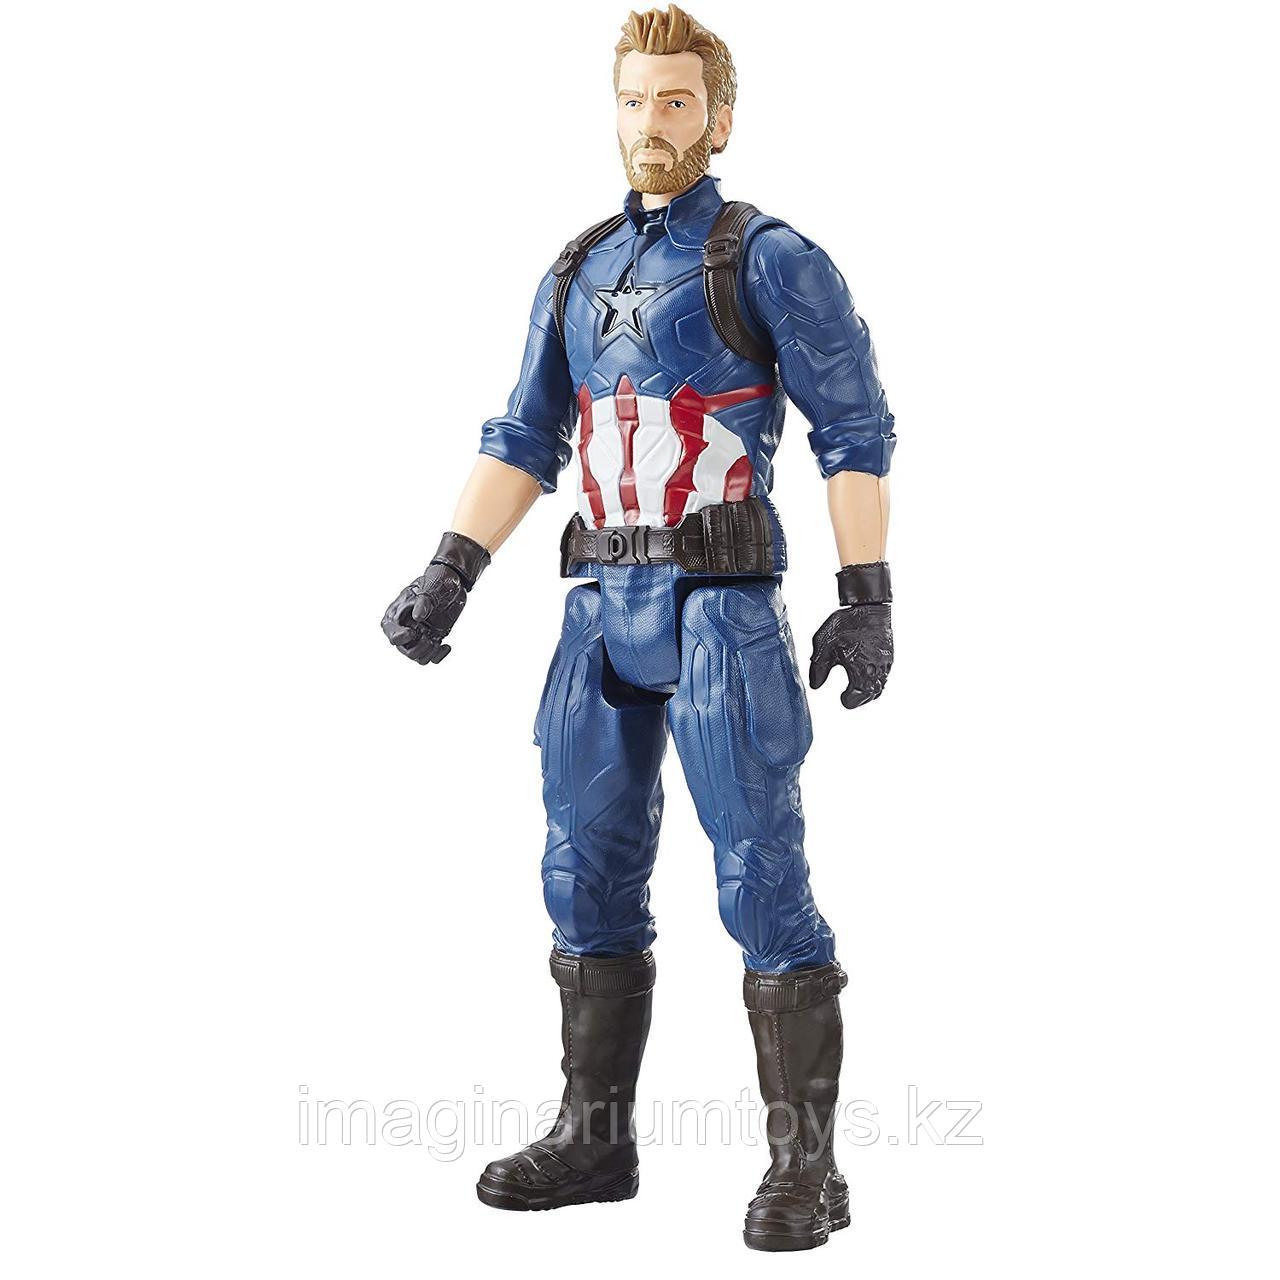 Капитан Америка фигурка 30 см